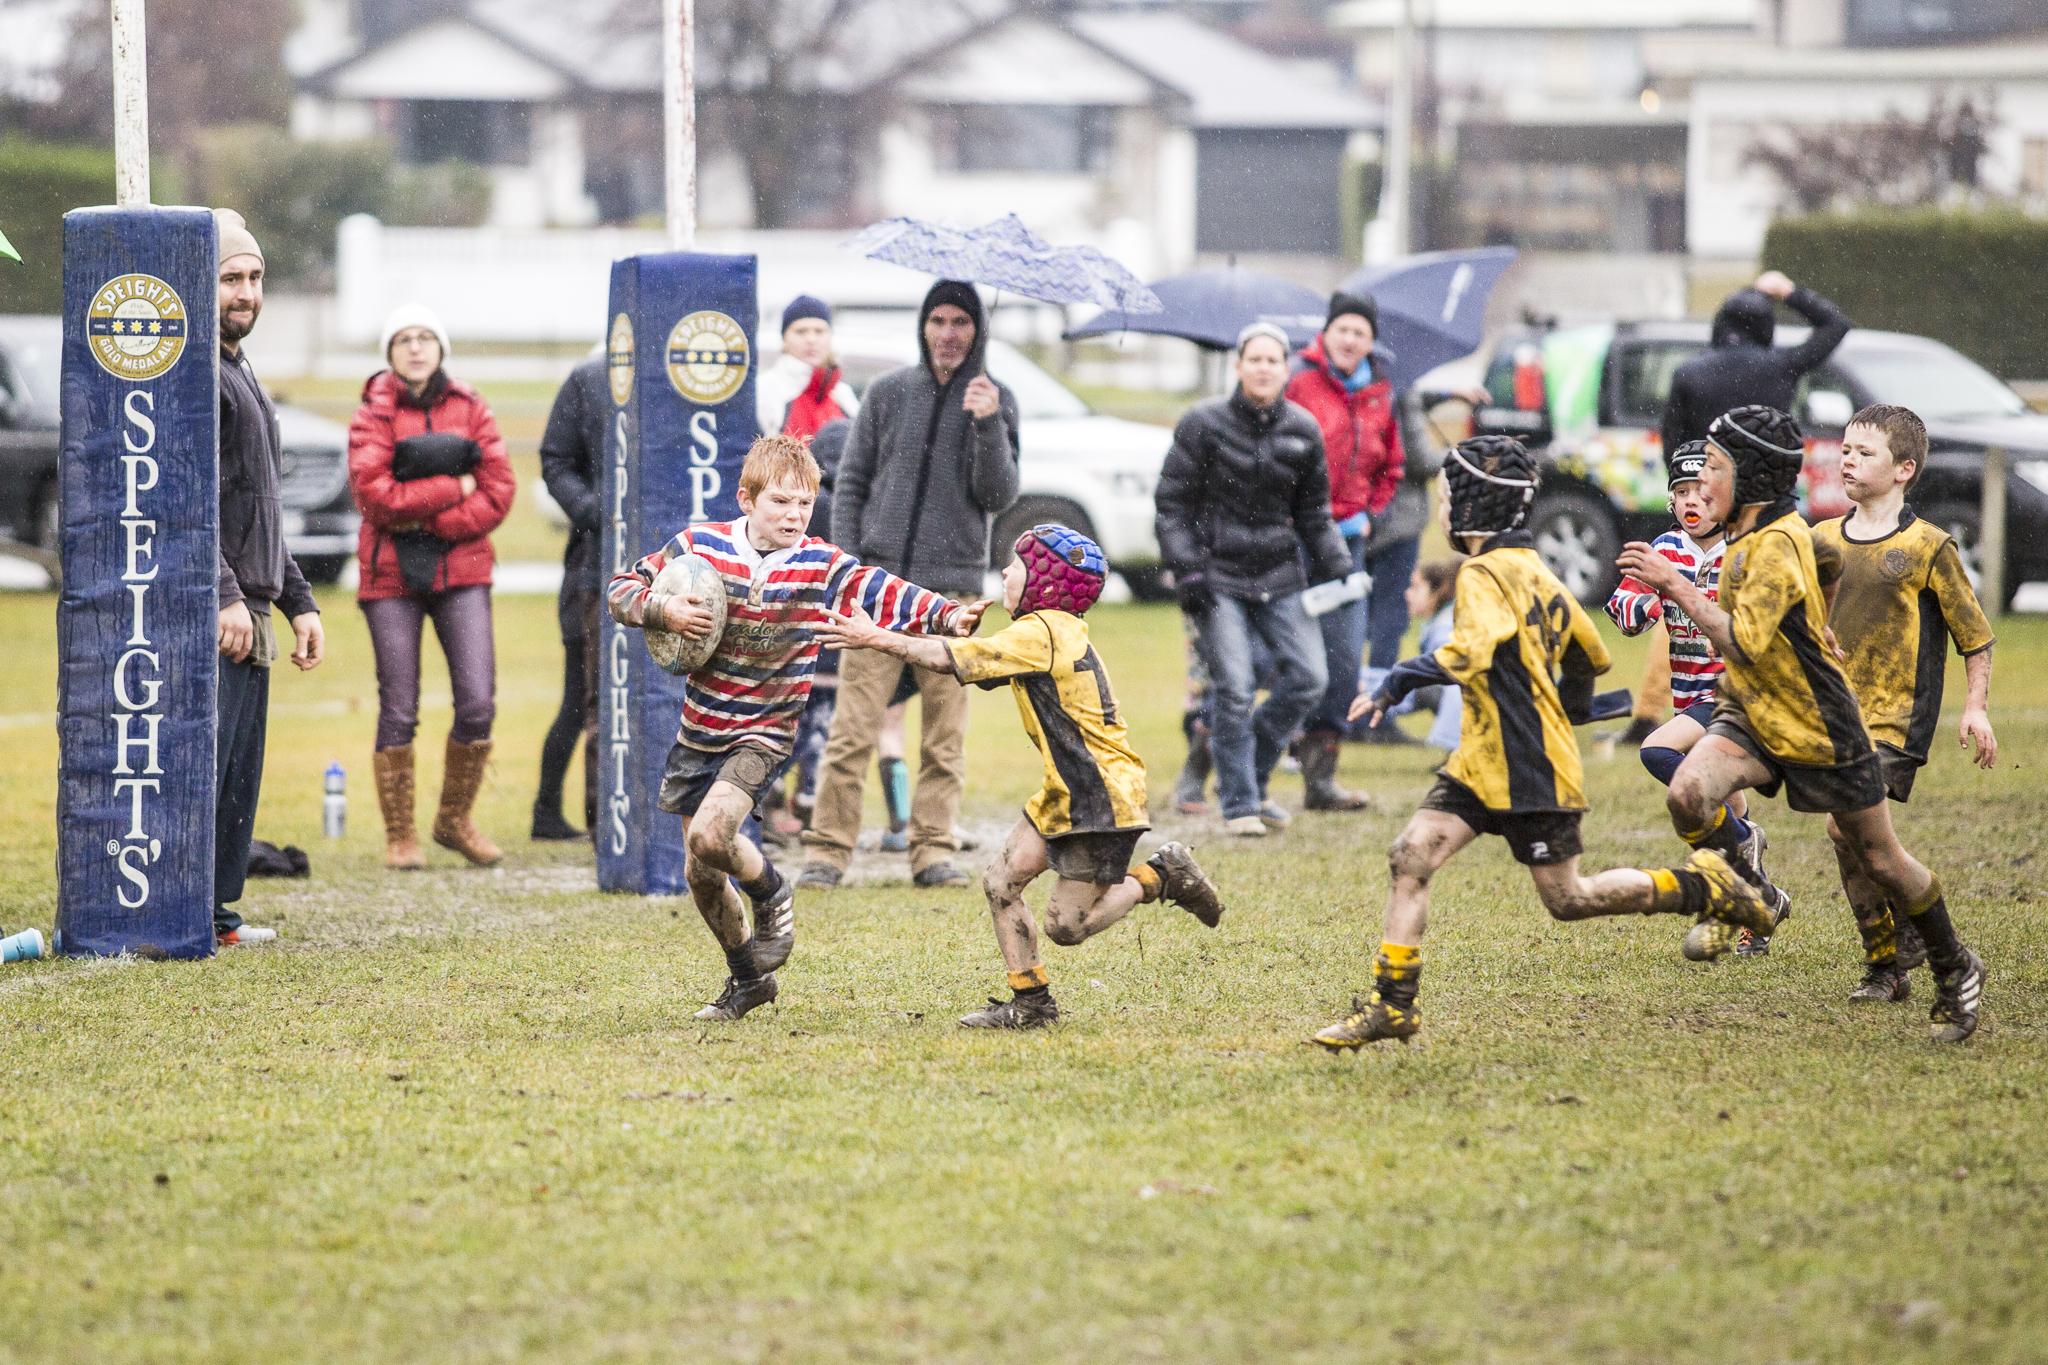 Rugby-3.jpg